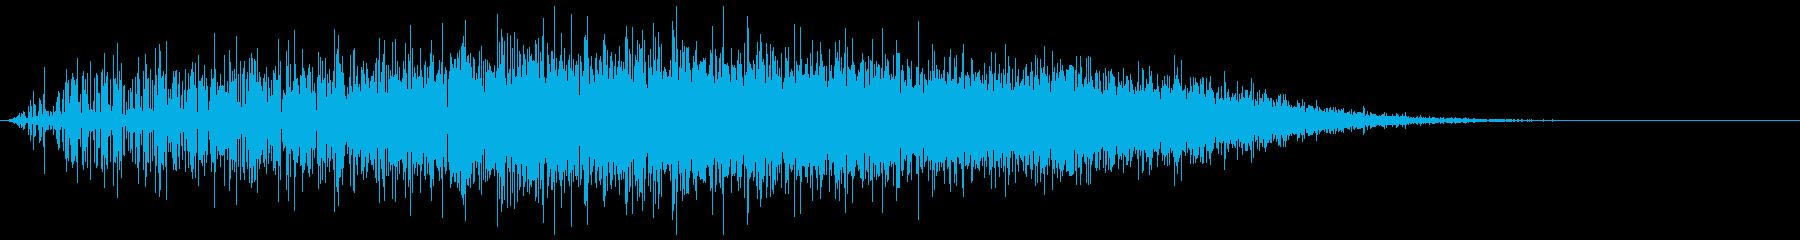 炭酸 弾ける音 強め(しゅわわわ)の再生済みの波形